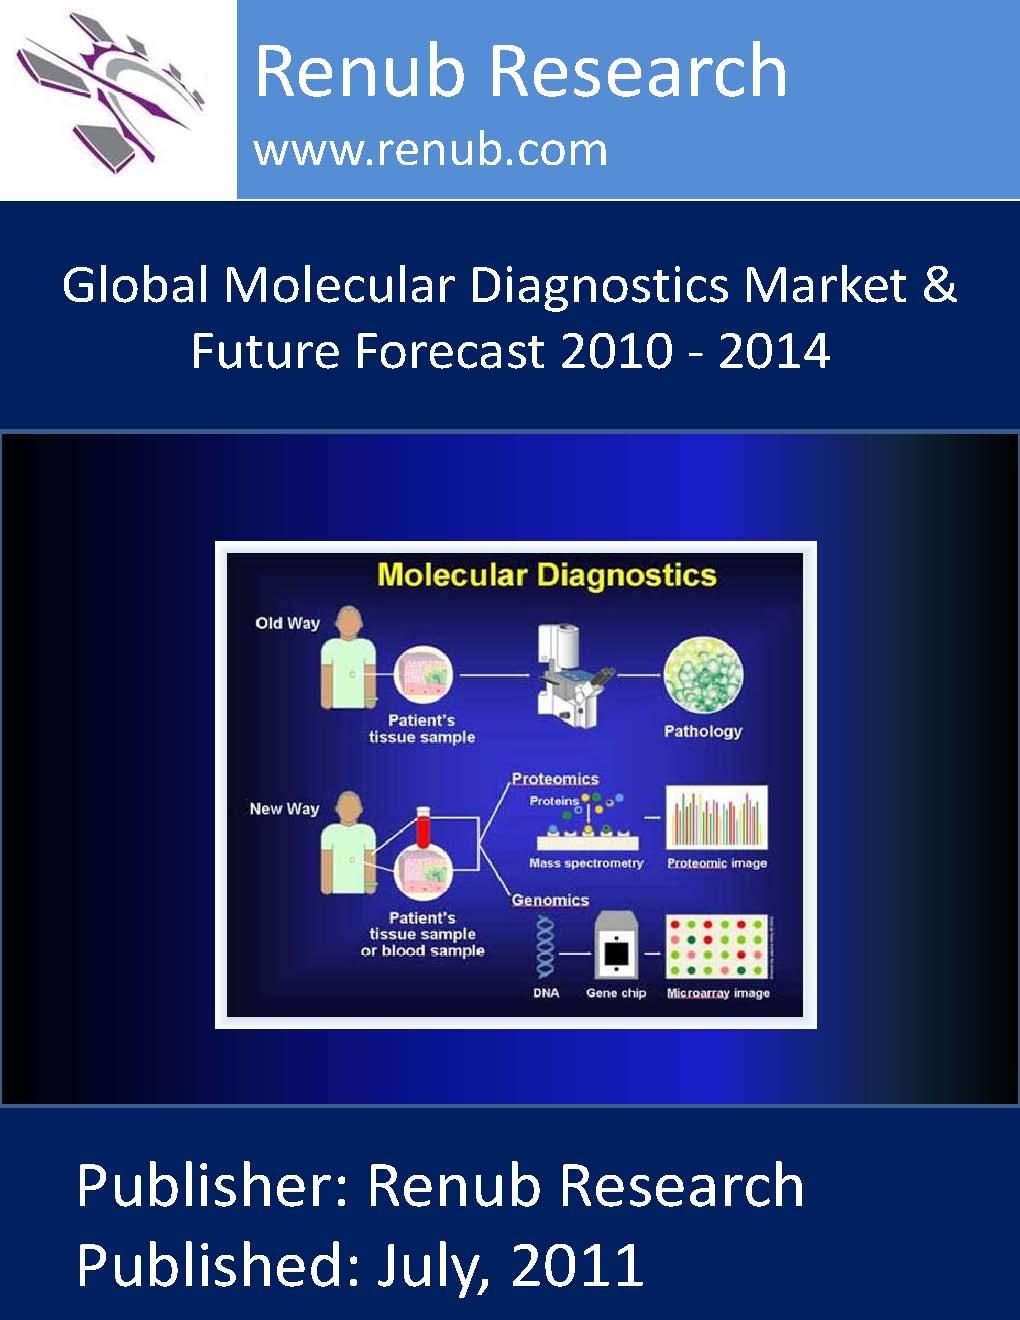 Global Molecular Diagnostics Market & Future Forecast 2010 - 2014